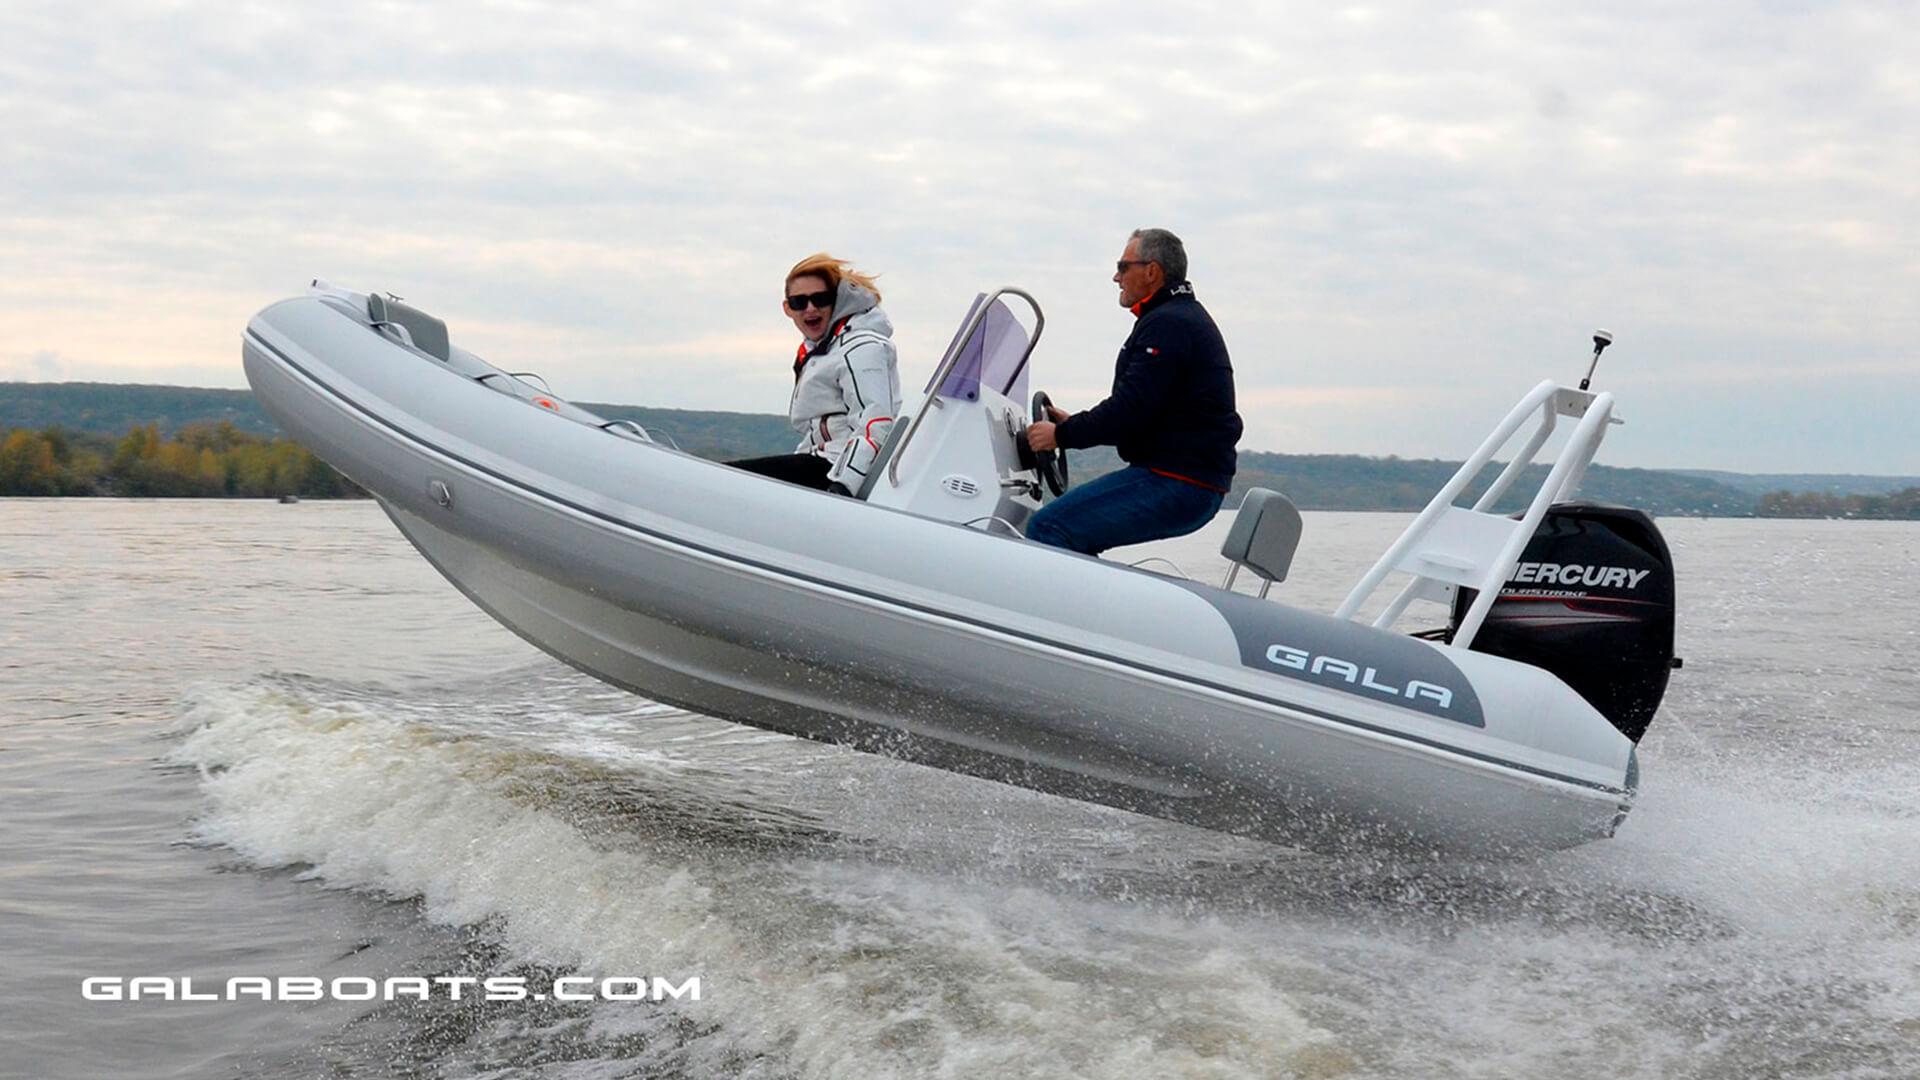 Надувная лодка с жестким алюминиевым дном GALA Atlantis A450L, Надувная лодка с жестким дном GALA Atlantis A450L, Надувная лодка с жестким дном GALA A450L, Надувная лодка GALA A450L, Надувная лодка GALA A450L, GALA A450L, лодка с жестким дном, алюминиевый риб, алюминиевый RIB, RIB, тендерная лодка, тендер для яхты